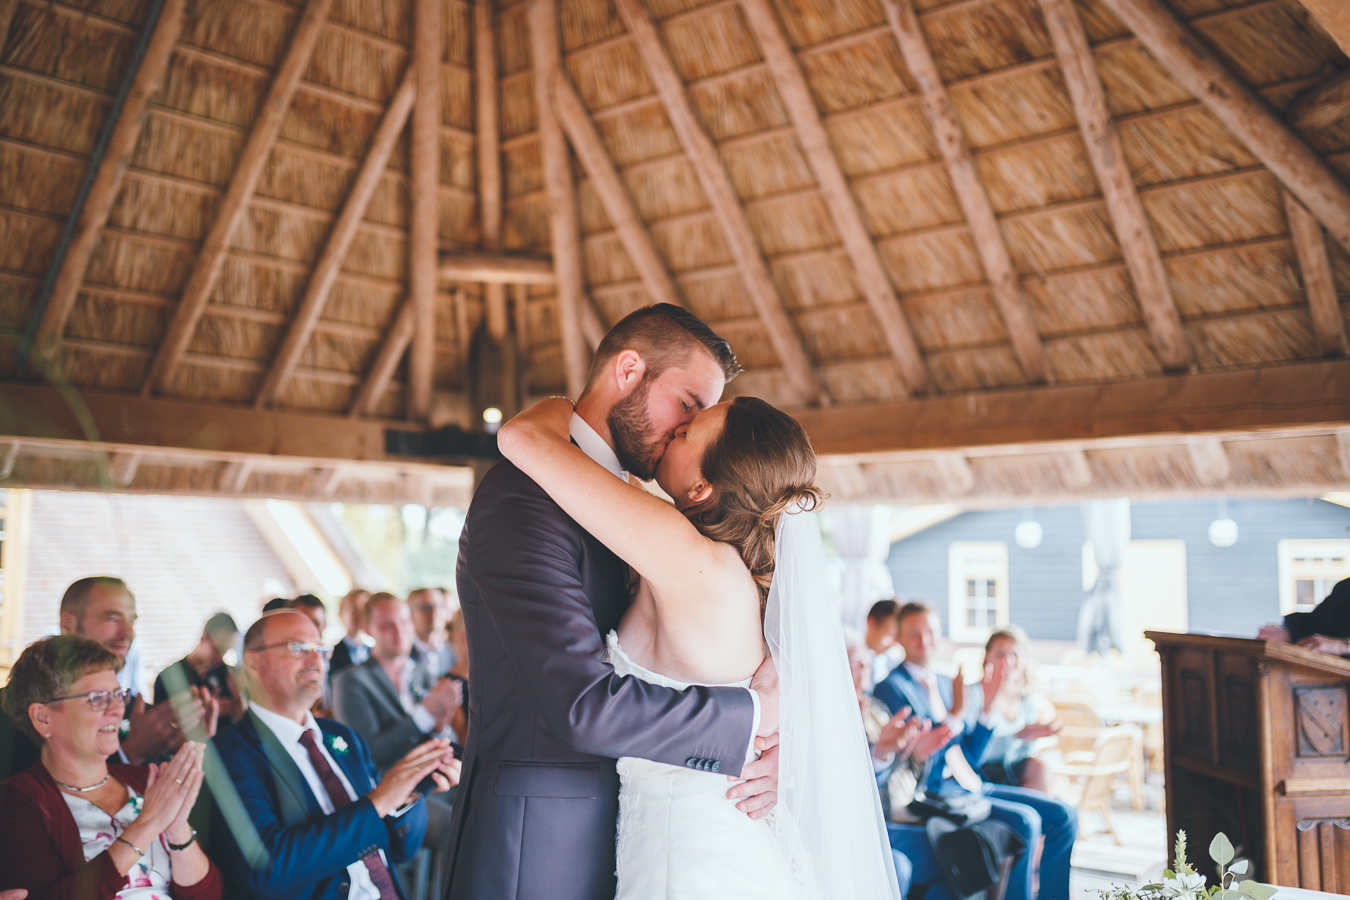 Trouwfotograaf bruidspaar kust tijdens ceremonie